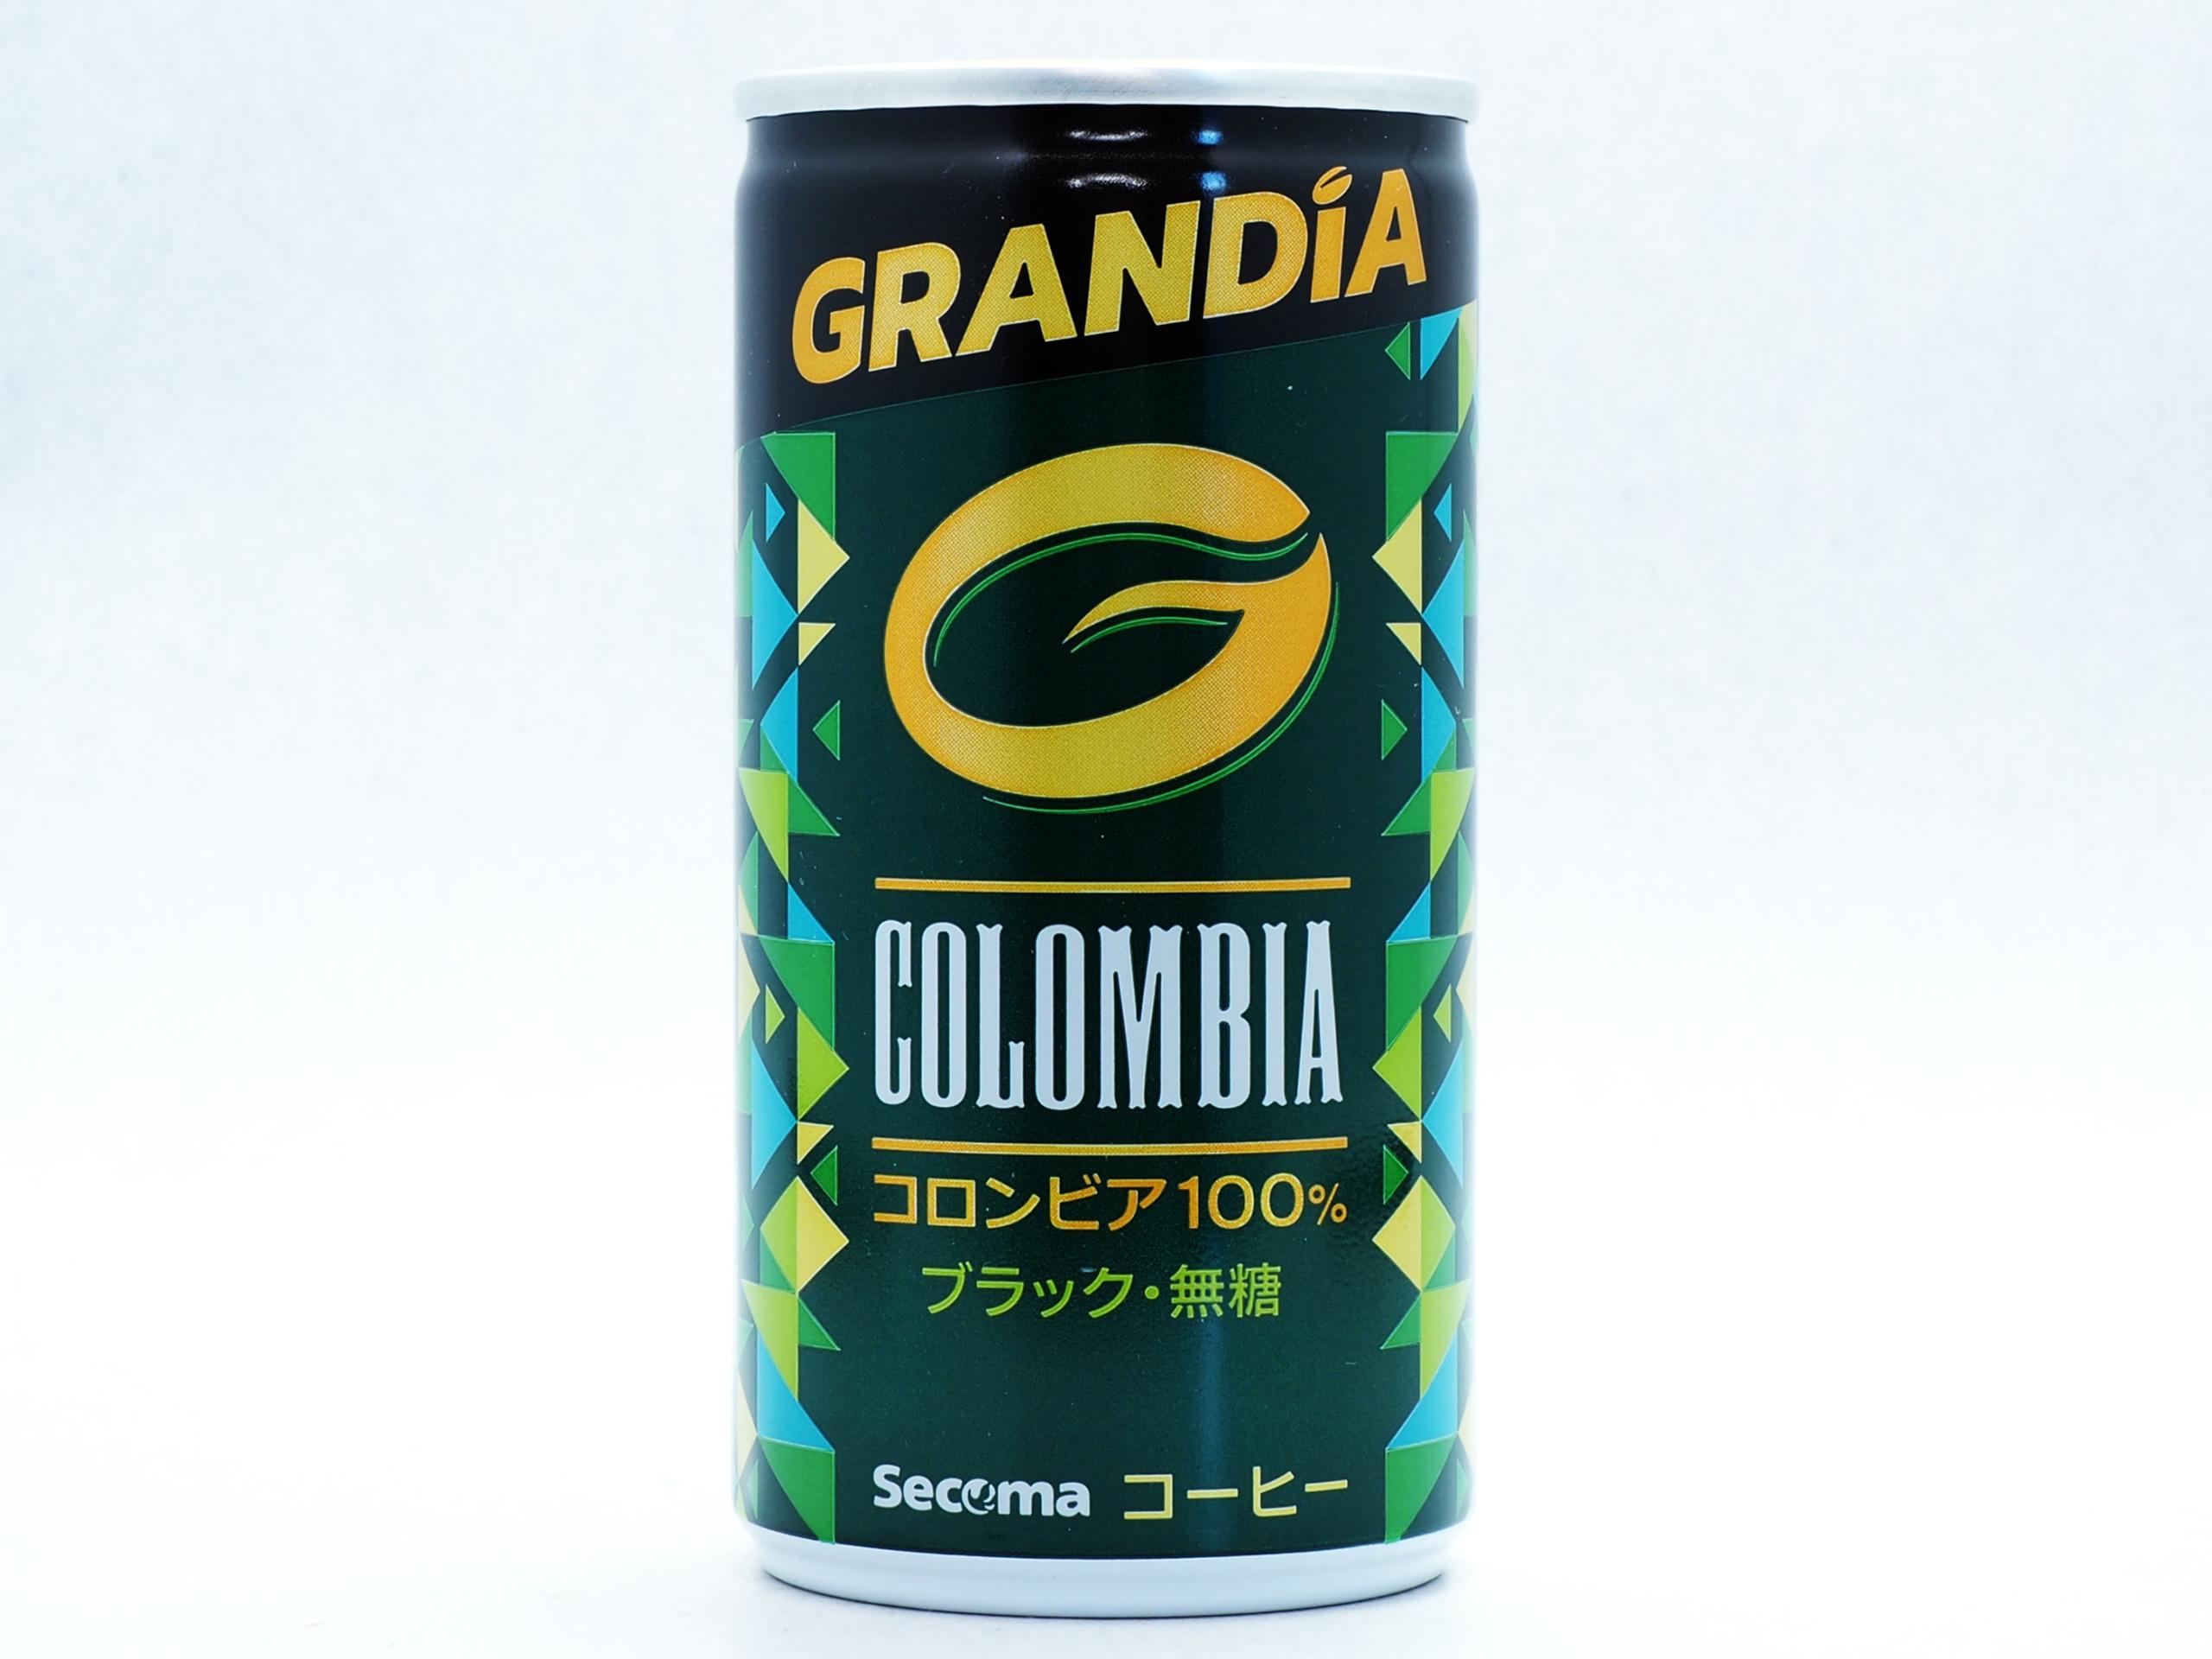 セコマ GRANDIA コロンビア100%